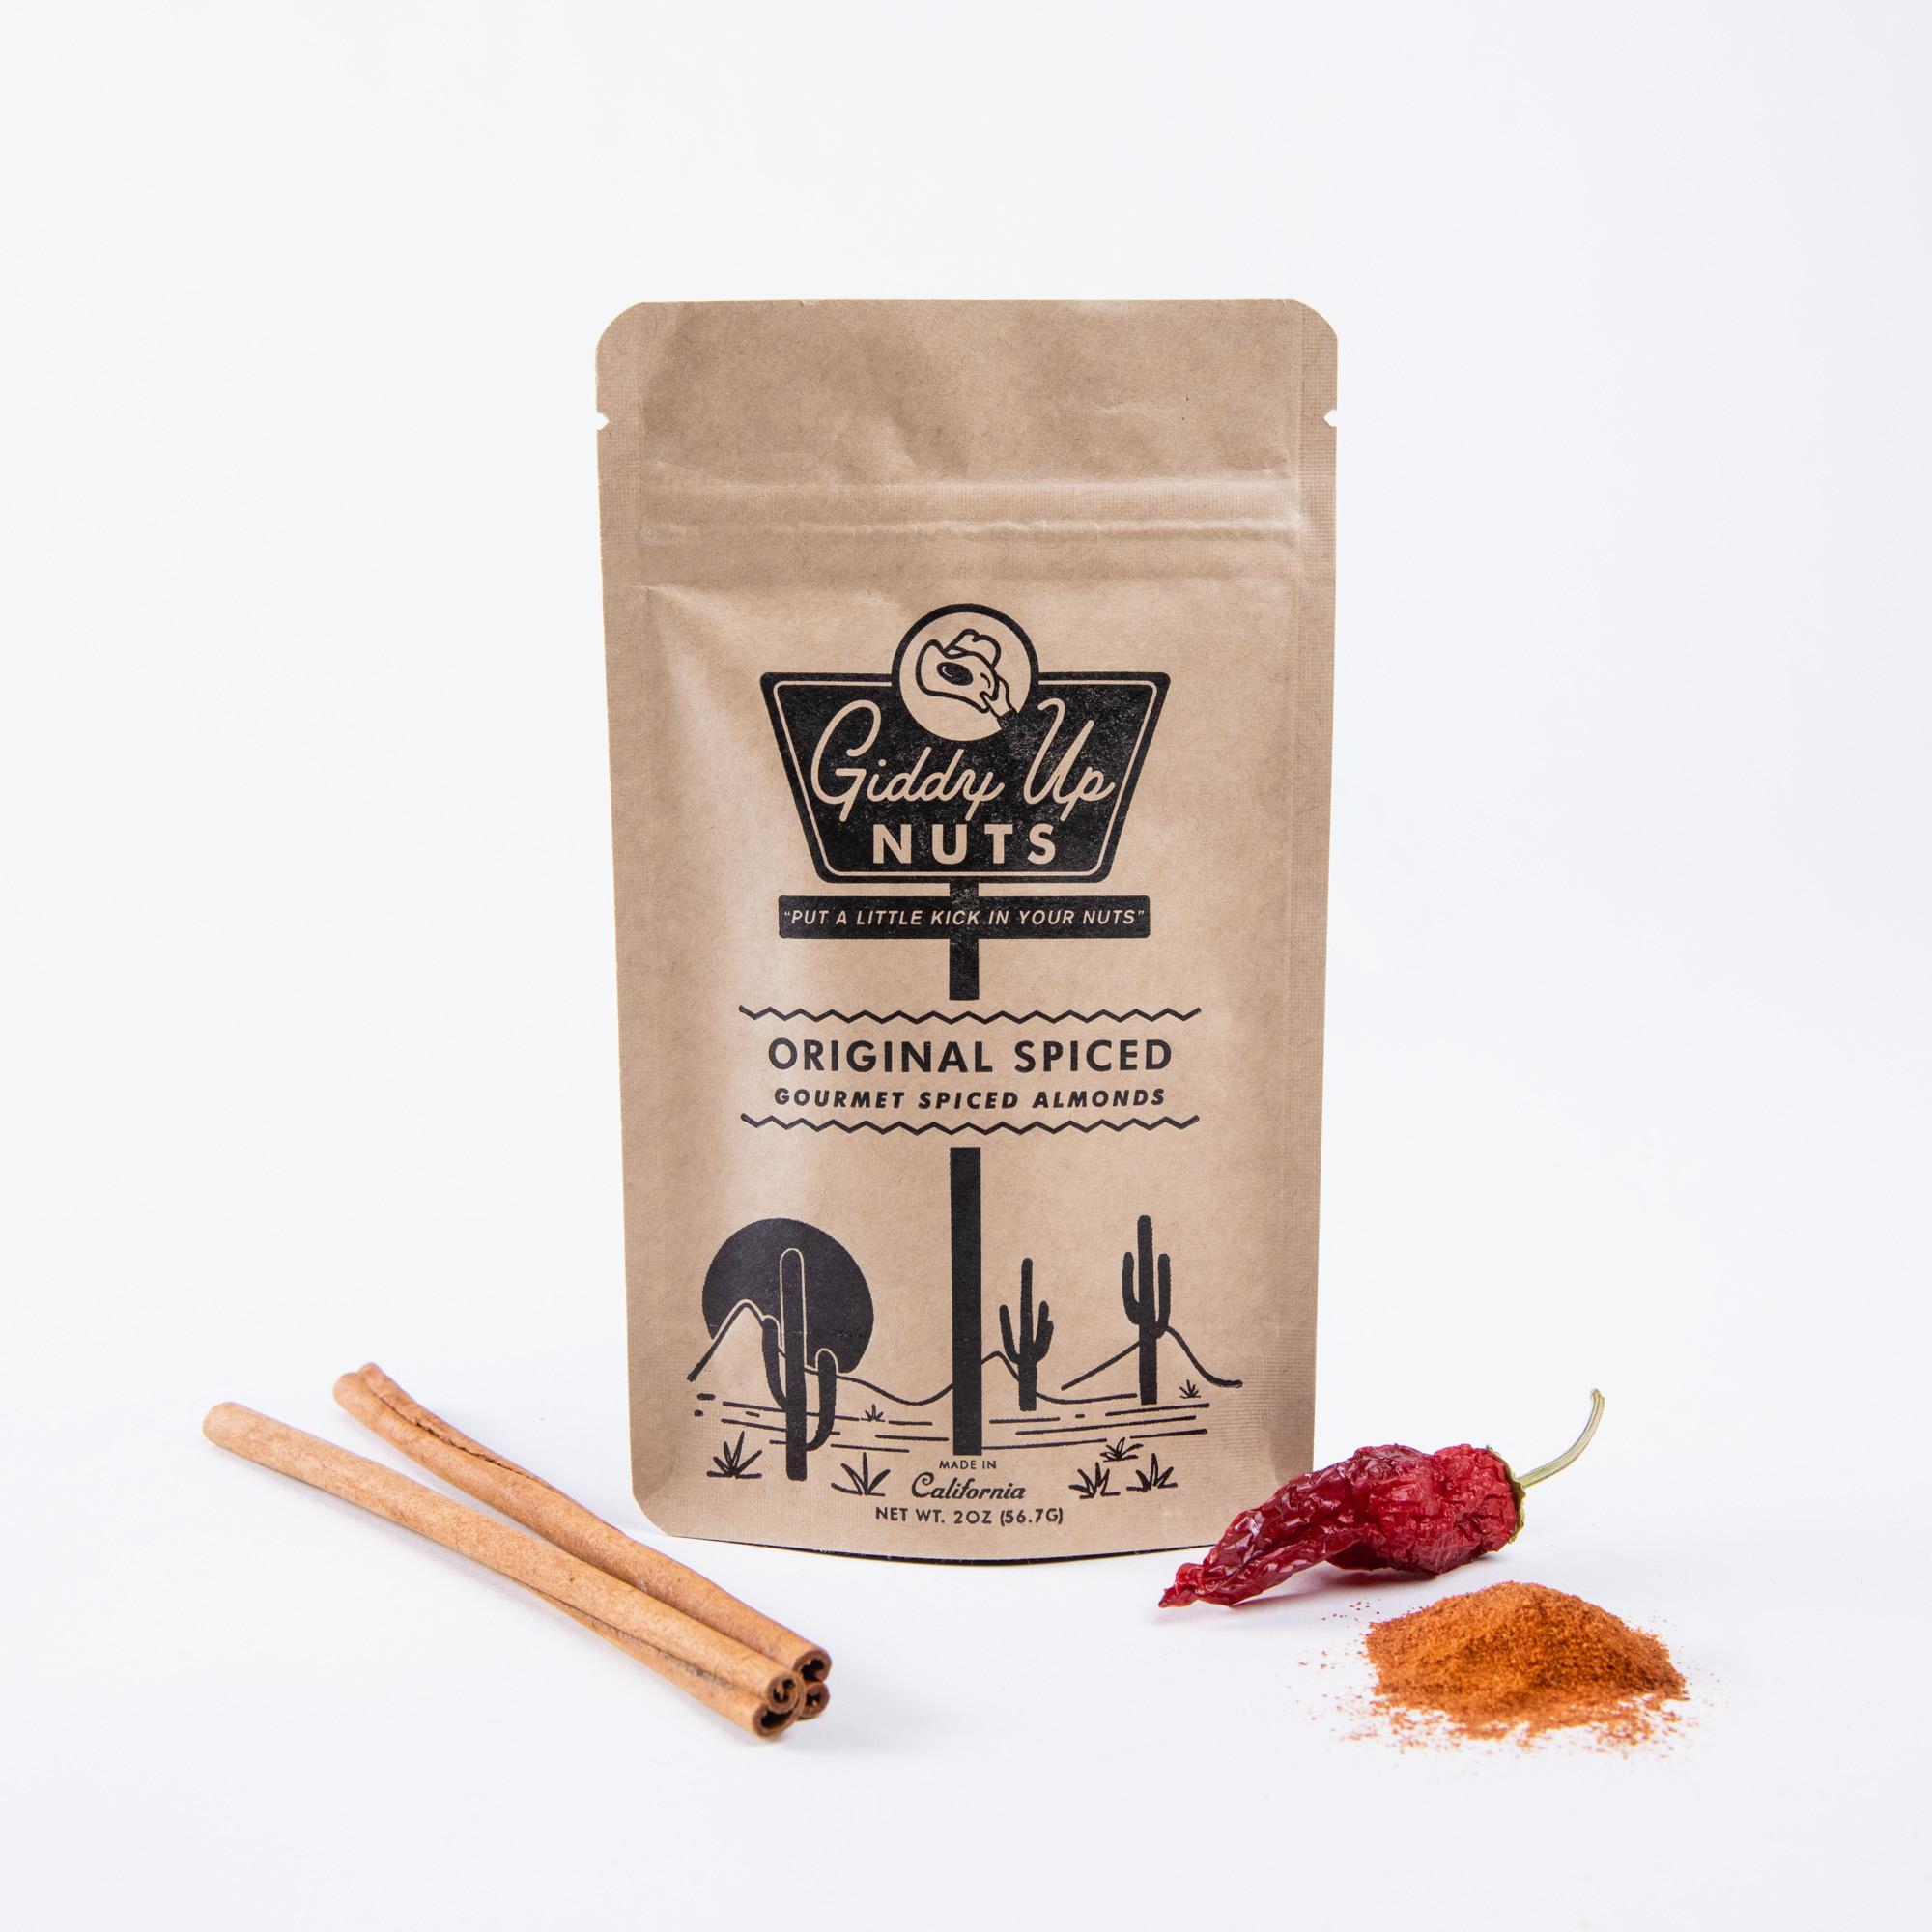 Original Spiced Almonds (2 oz)